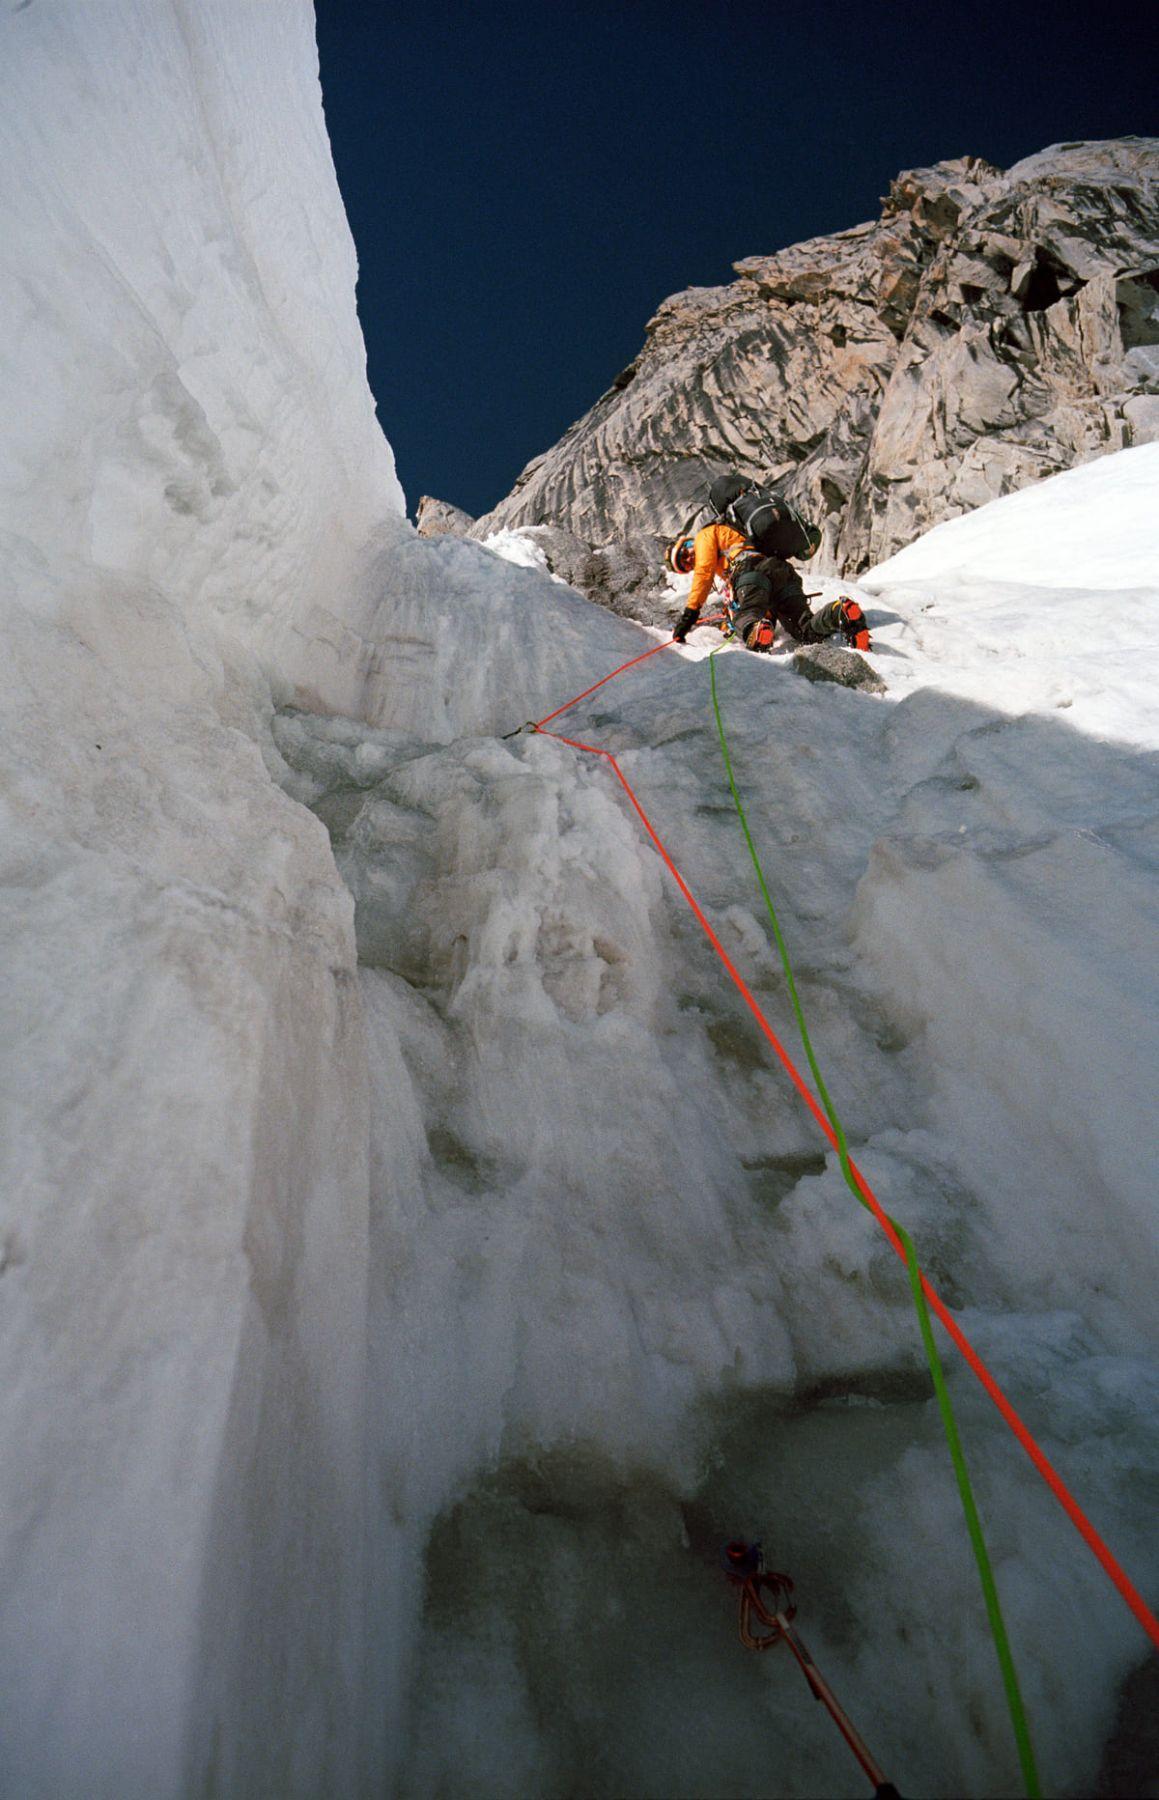 Движение лидера с рюкзаком на ледовом рельефе, Латок 1.